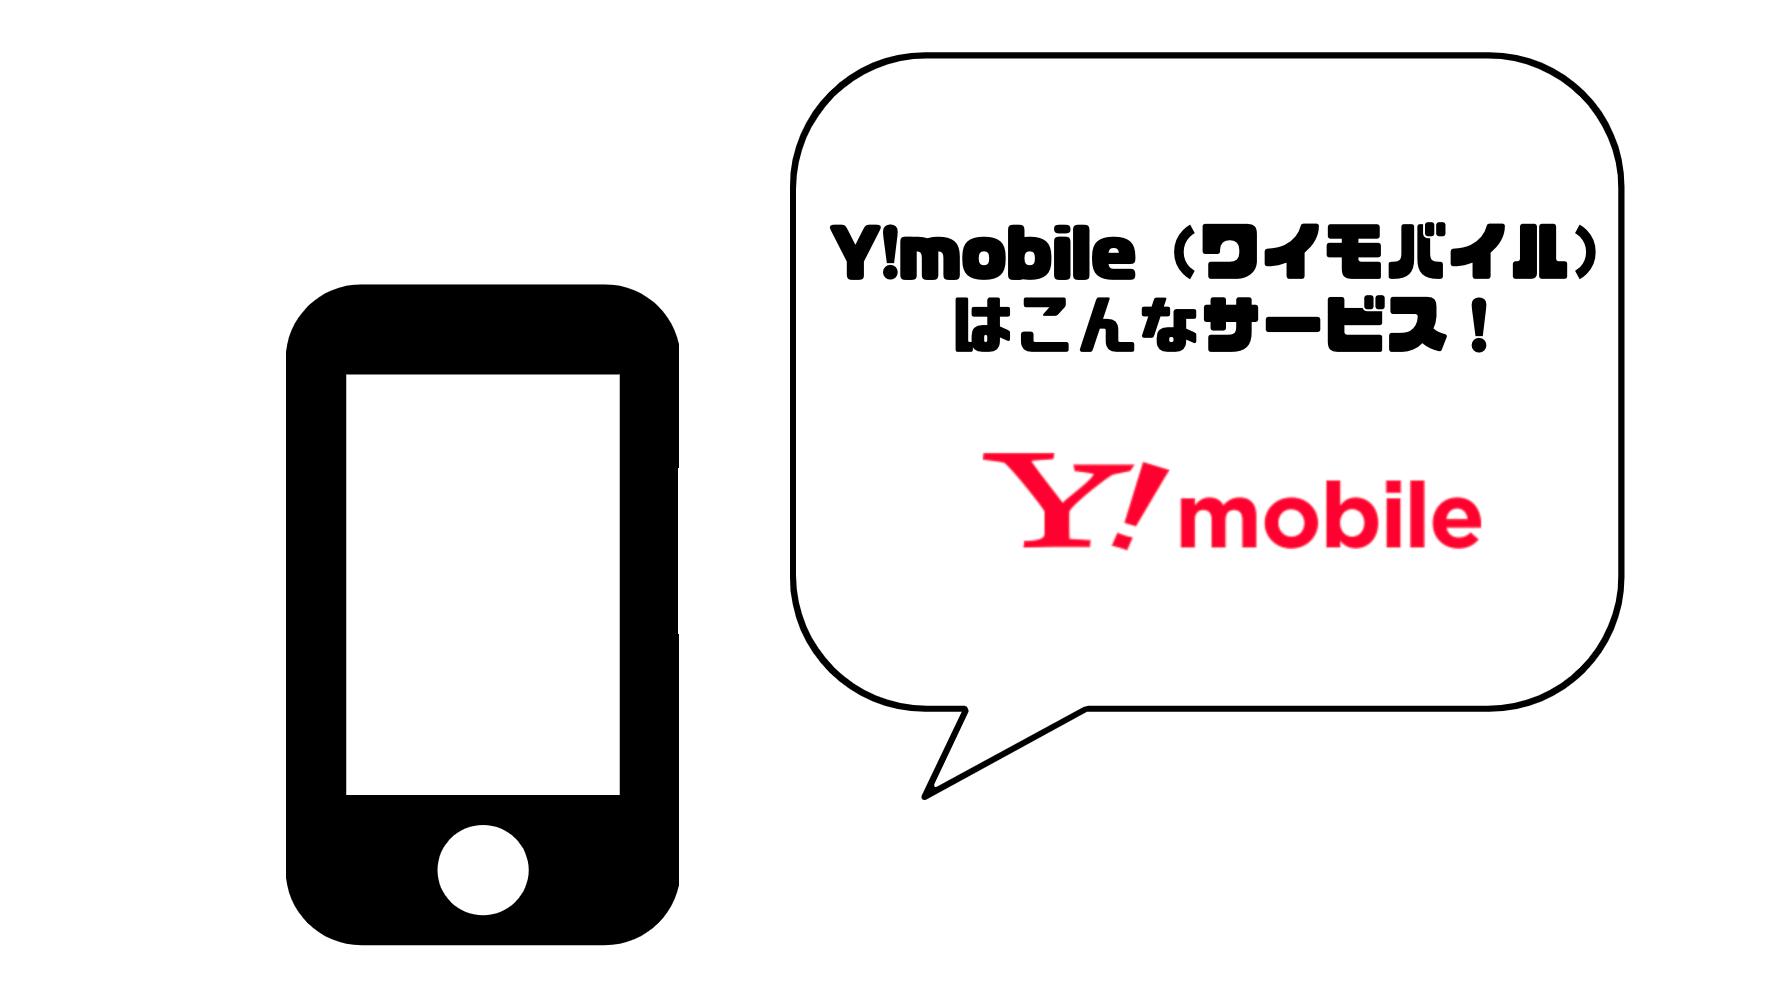 ワイモバイル_Y!mobile_サービス_SoftBank_ソフトバンク_サブブランド